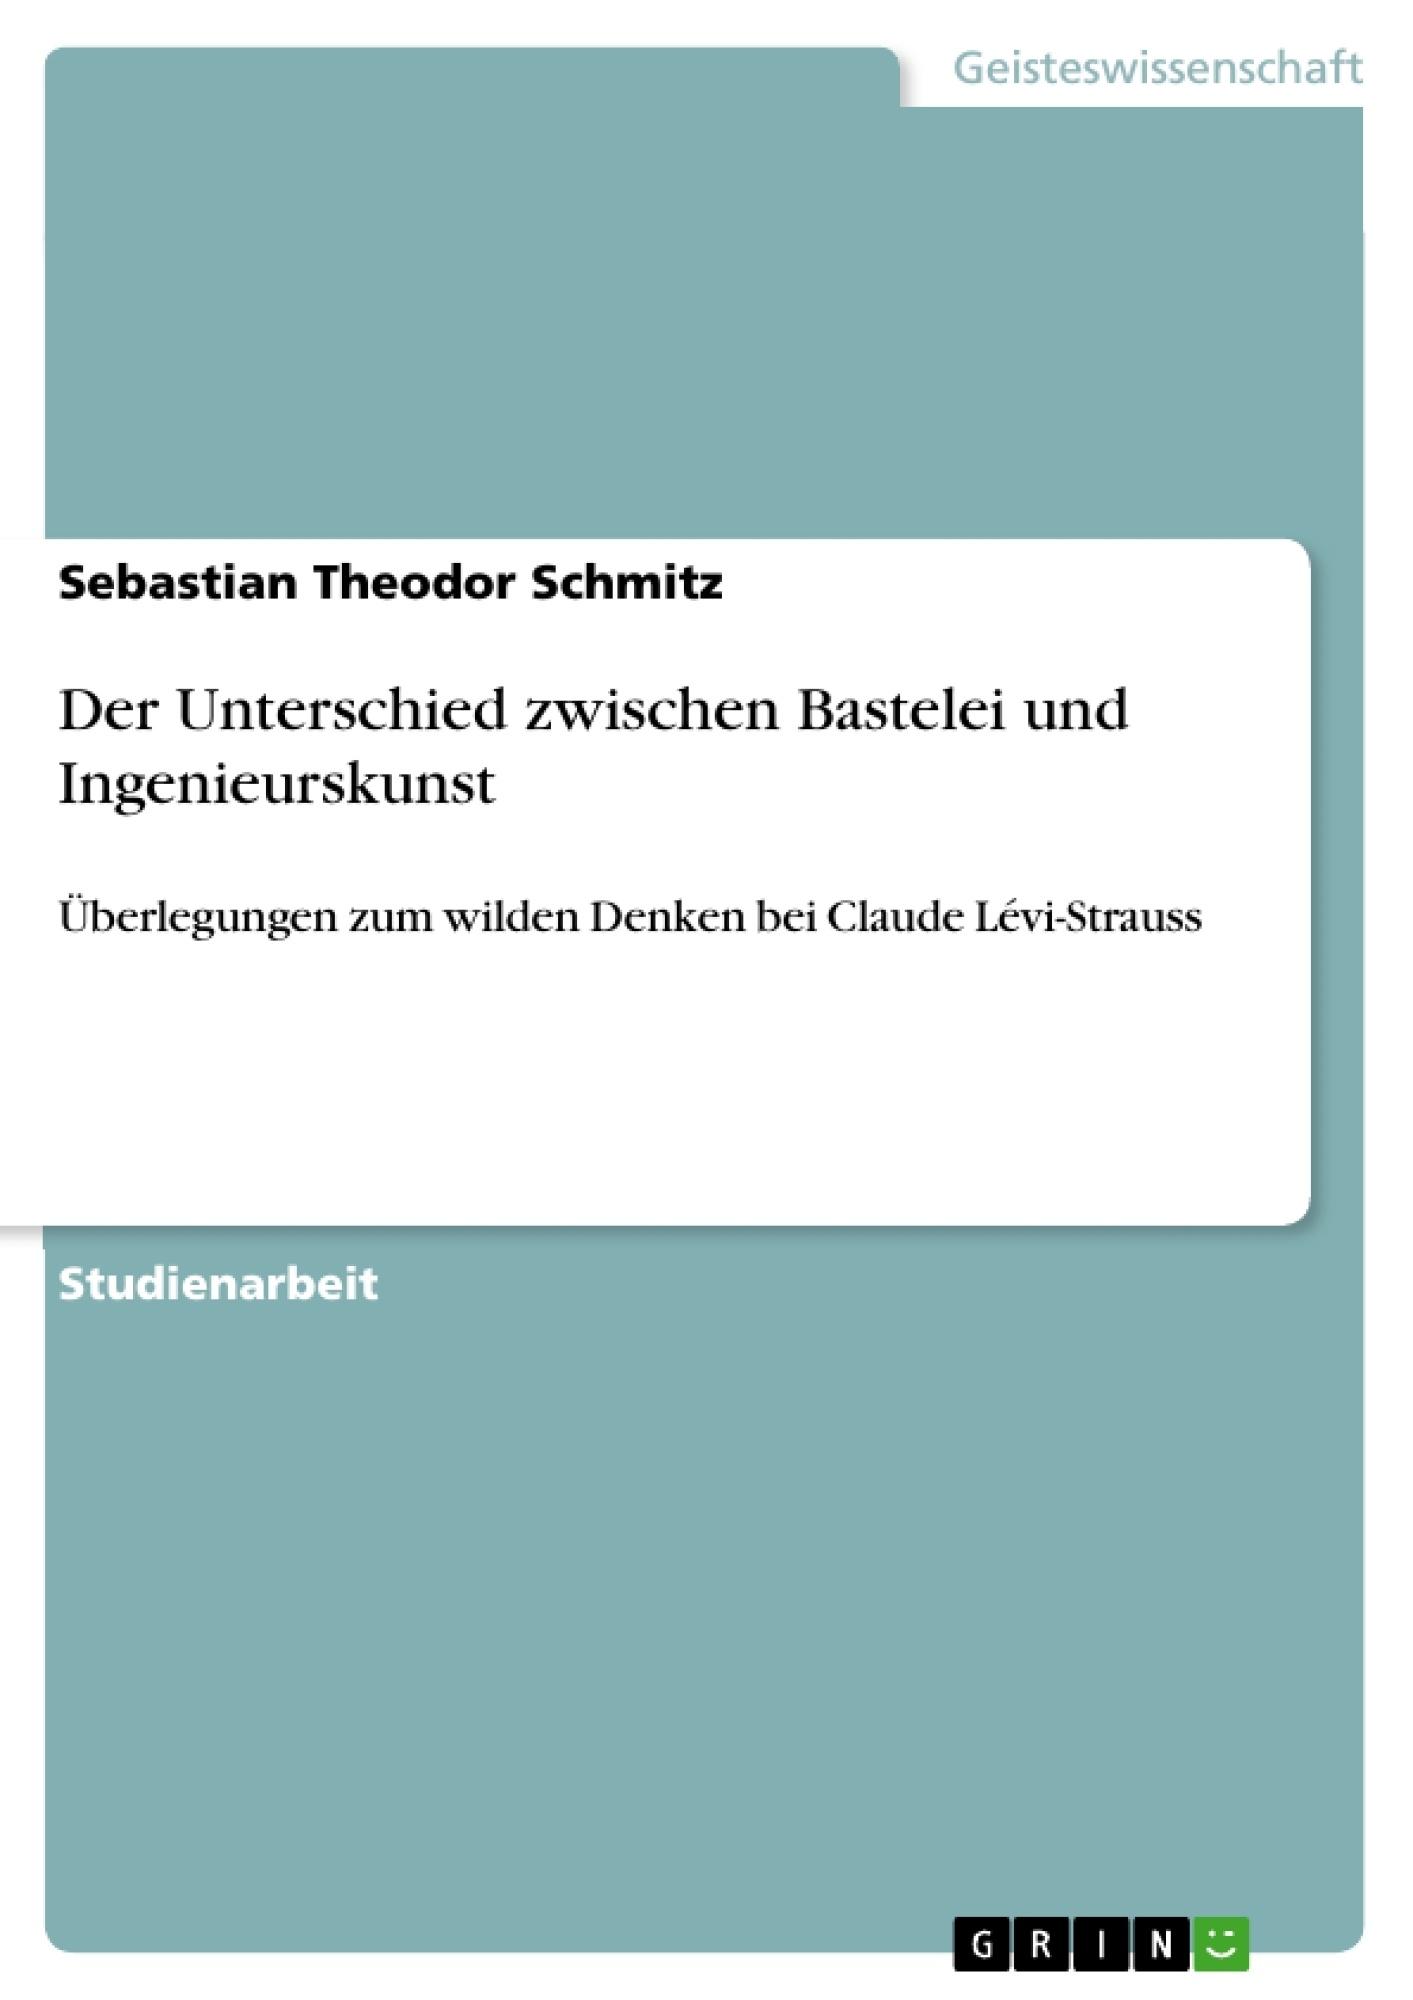 Titel: Der Unterschied zwischen Bastelei und Ingenieurskunst